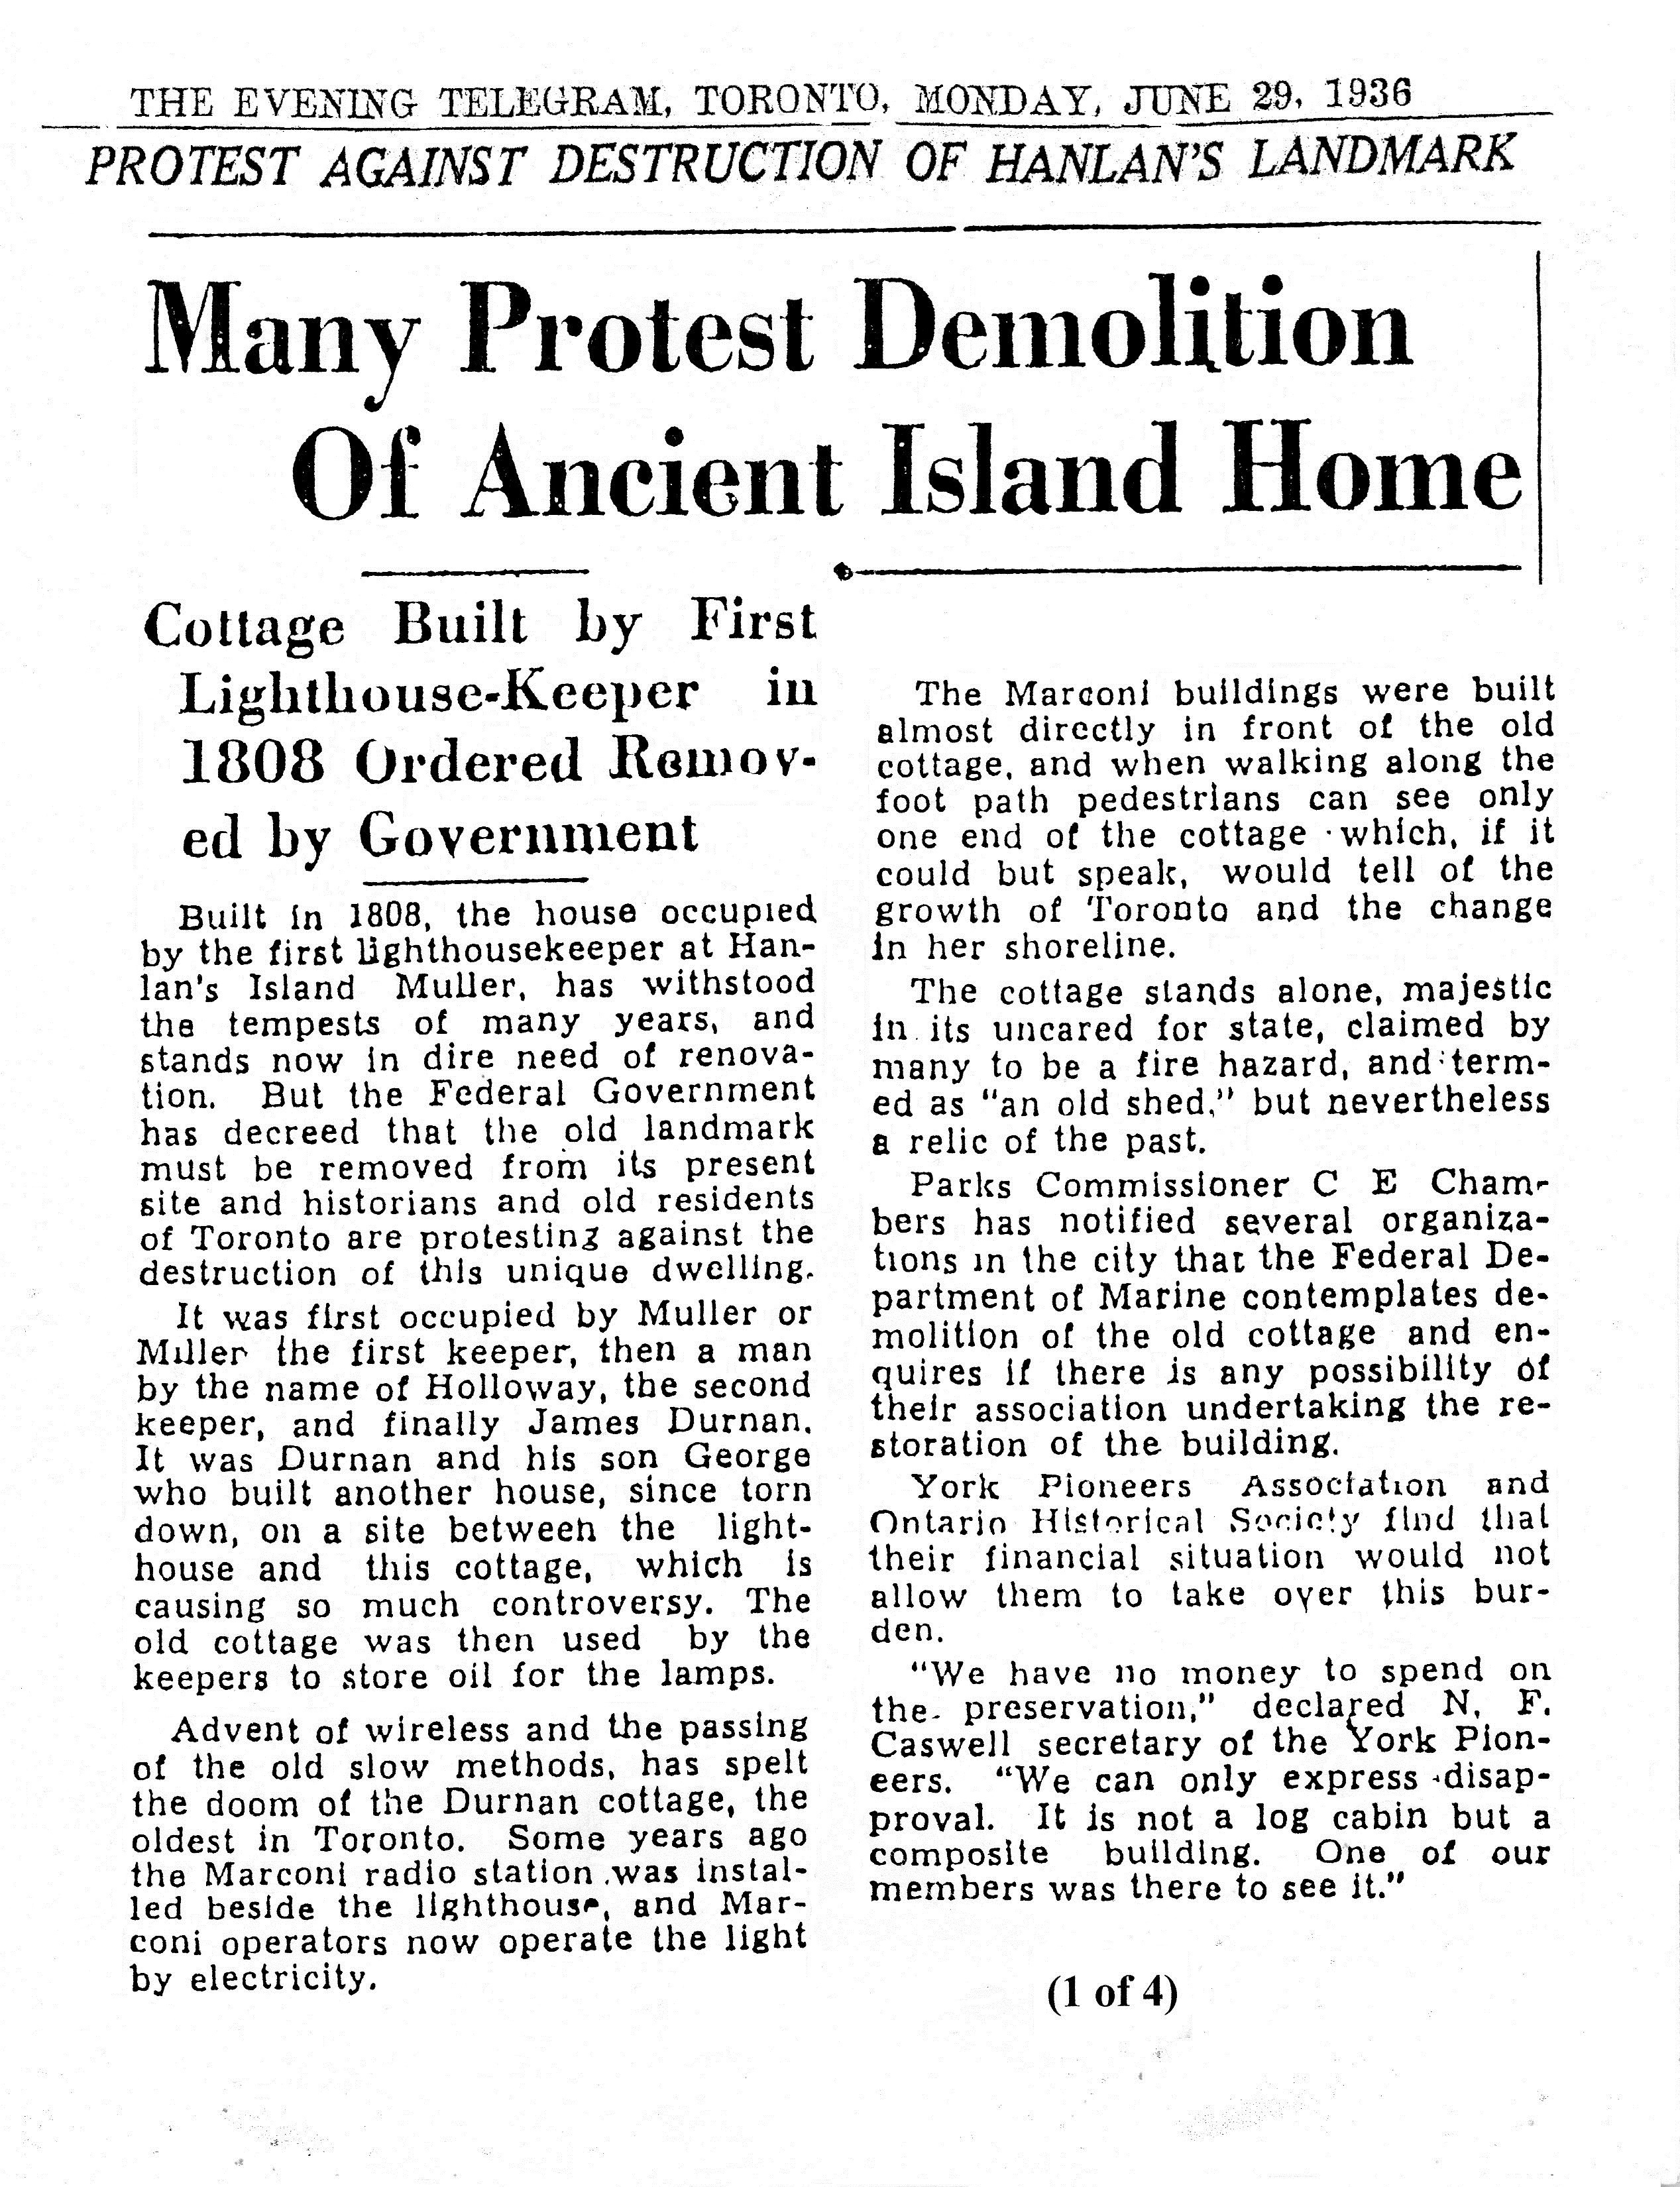 Protest Against Destruction of Hanlan's Landmark